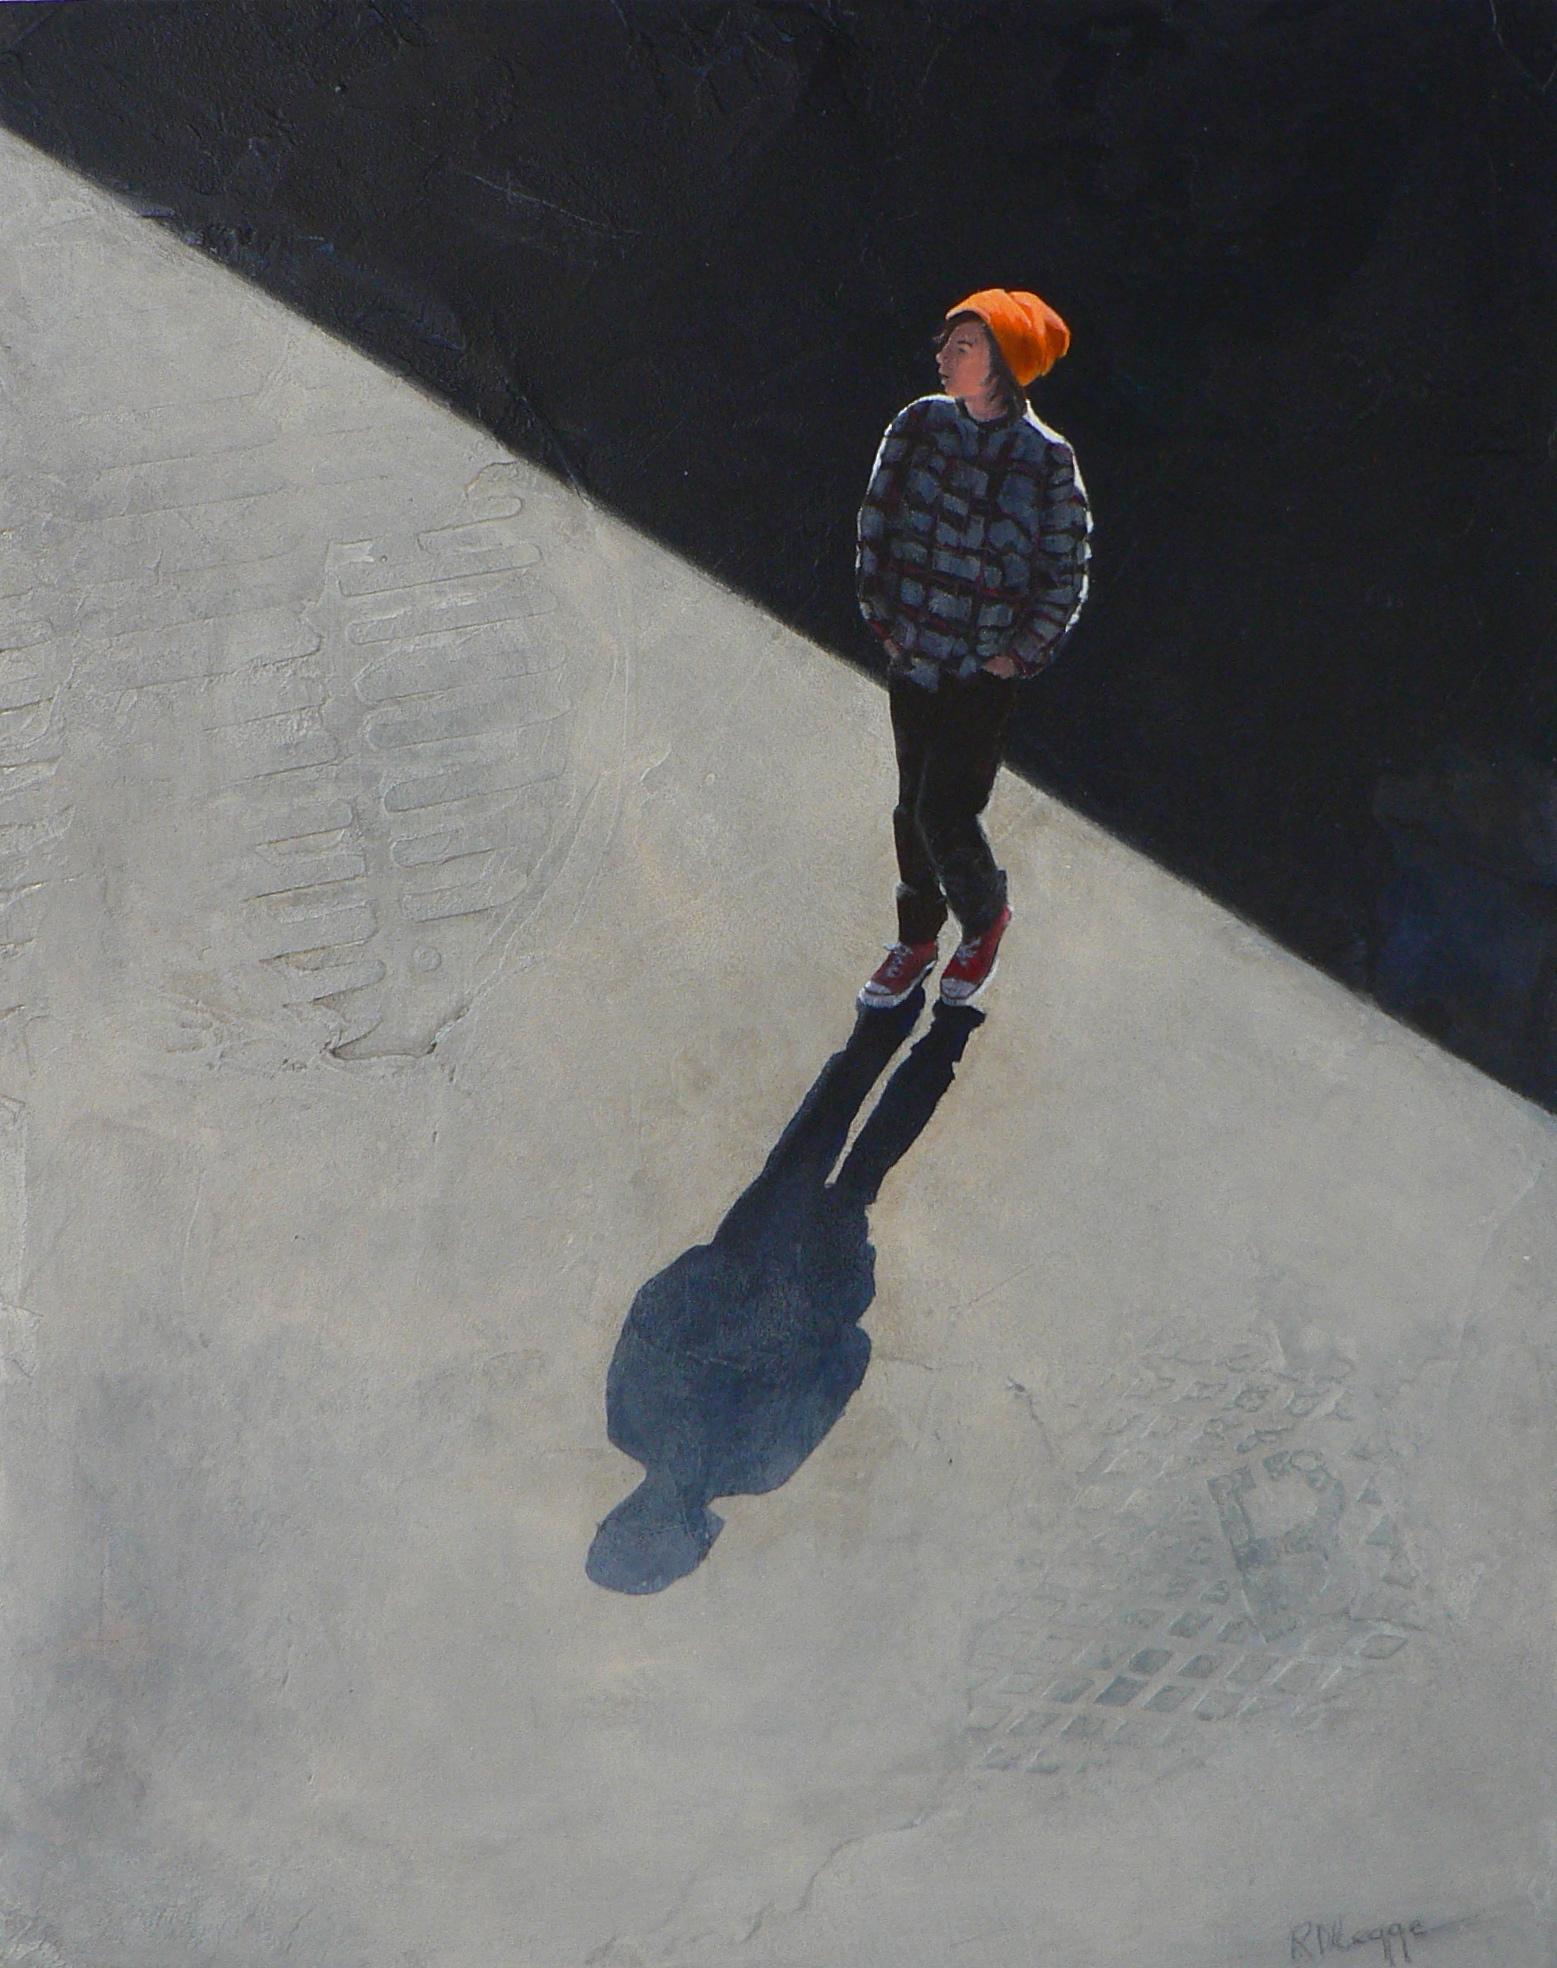 RLegge-Orange cap 300dpi.jpg